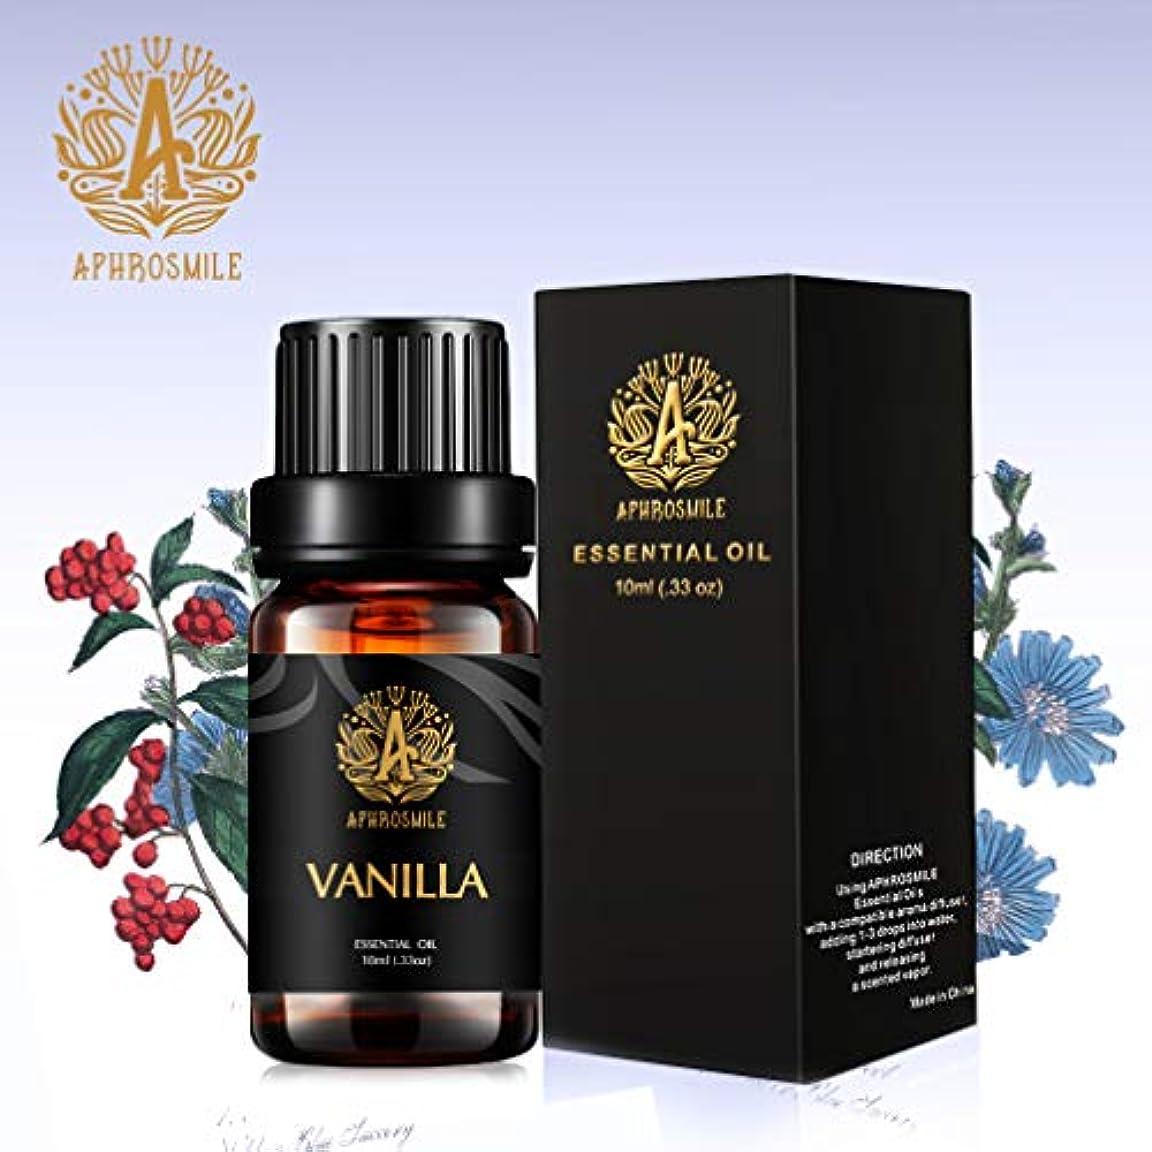 報酬の機構対抗ディフューザー用アロマセラピーバニラオイル、加湿器用の100%ピュアバニラアロマセラピーエッセンシャルオイルの香り、治療グレードバニラフレグランスエッセンシャルオイル0.33oz-10ml